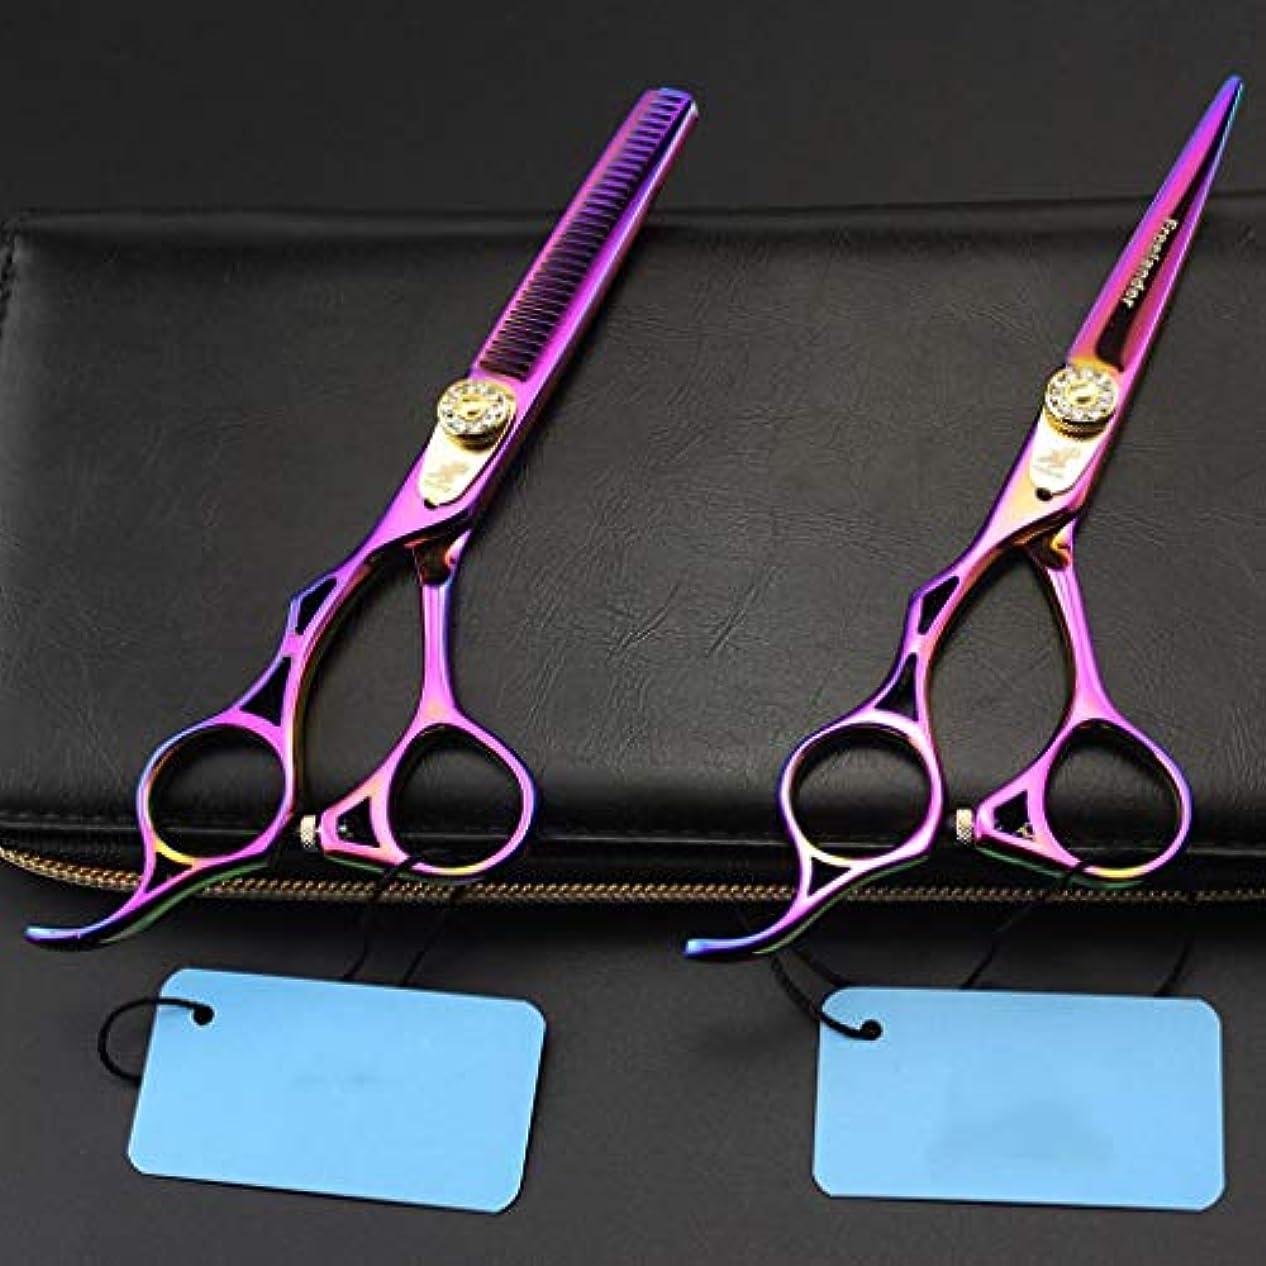 椅子南西遅らせる5.5インチのステンレス鋼の左手の理髪師の切断および間伐はさみ人格の曲がるハンドル回転式美容院および家の使用のための紫色